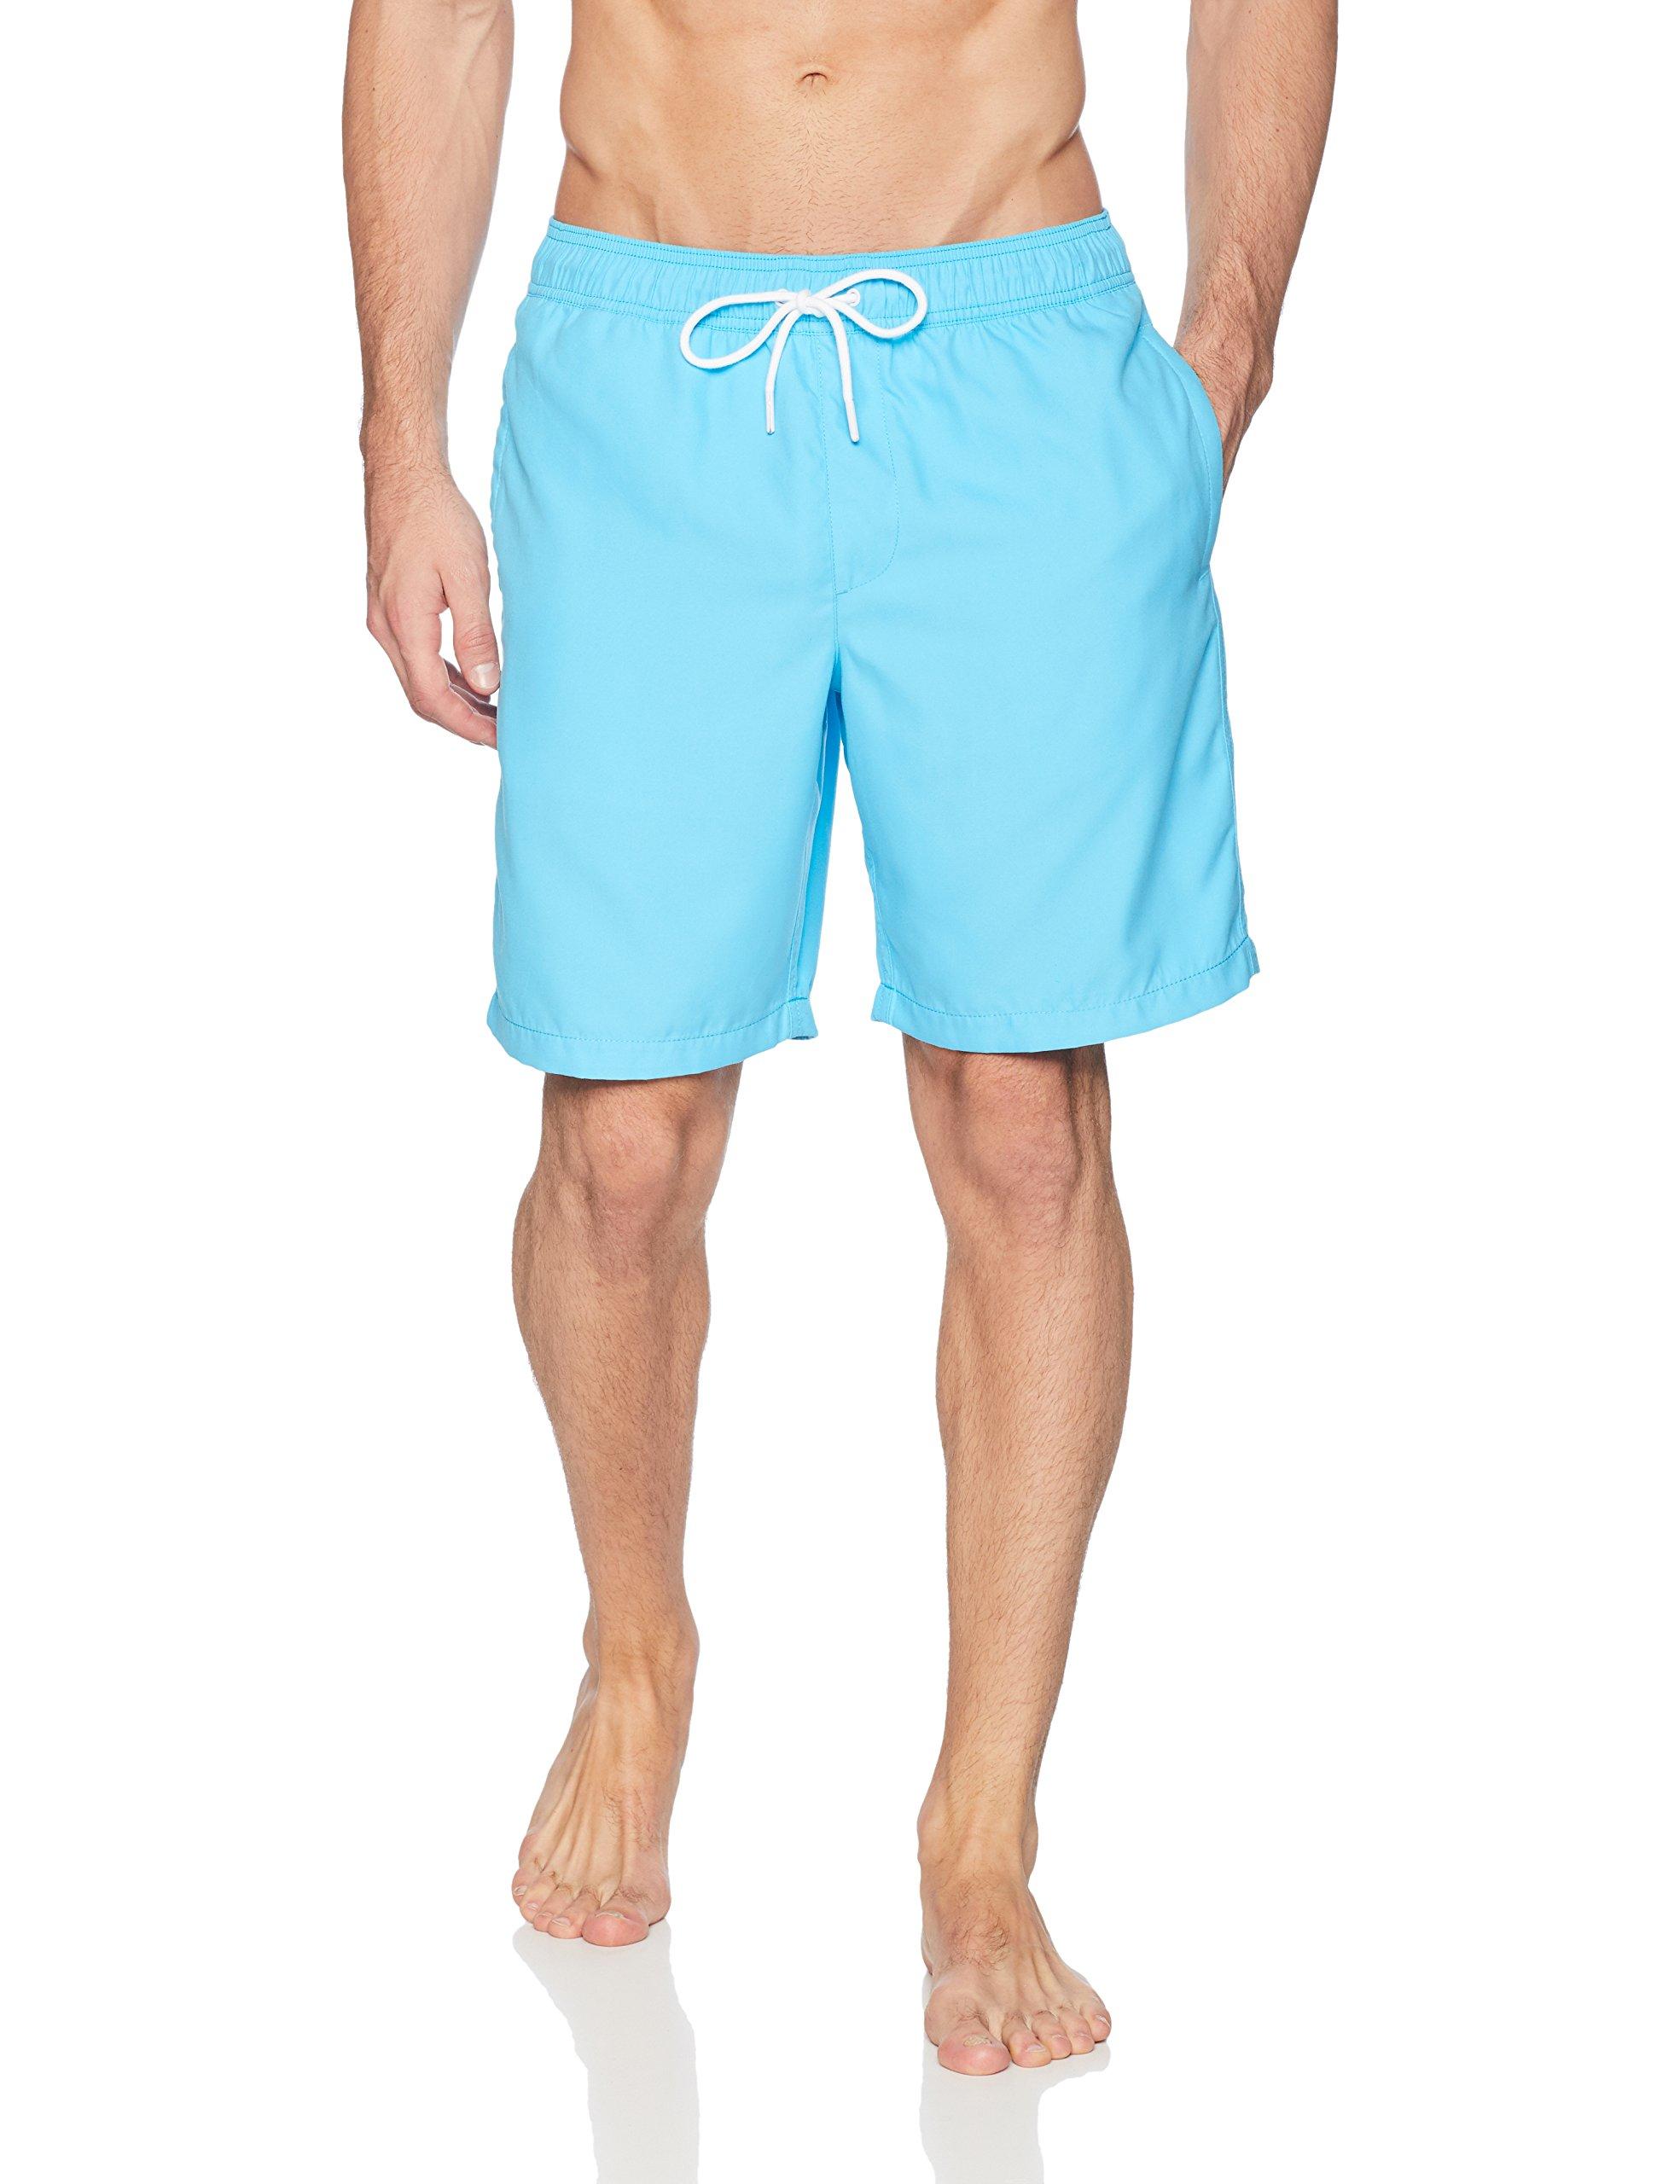 Amazon Essentials Men's Quick-Dry 9″ Swim Trunk